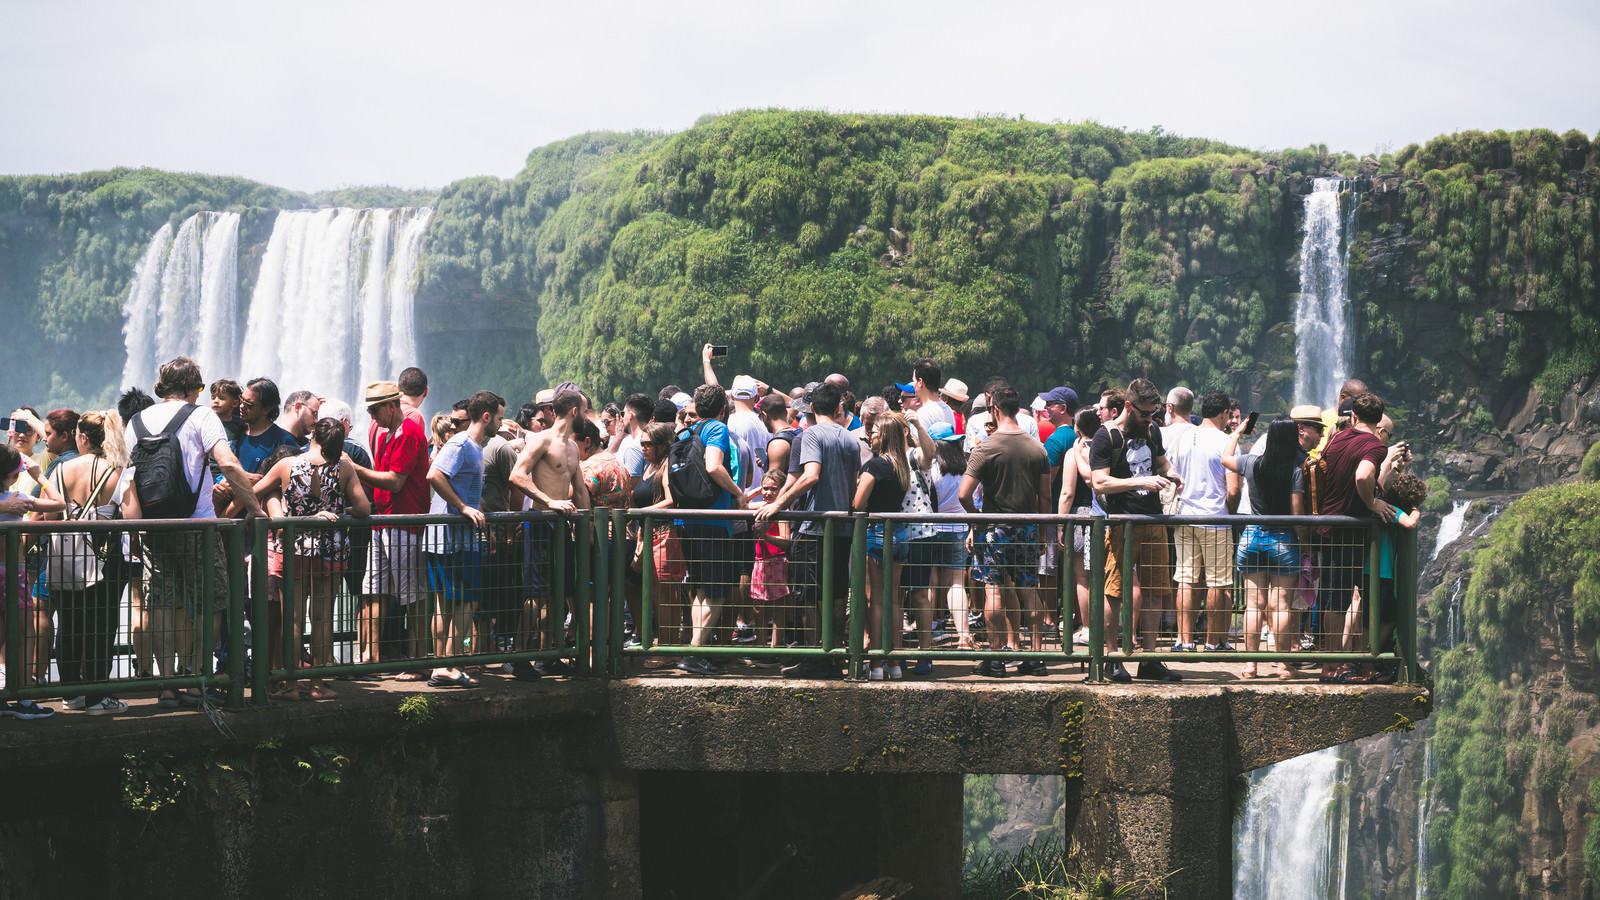 滝の上の遊歩道に群がるツアー客(南米大陸)のフリー素材